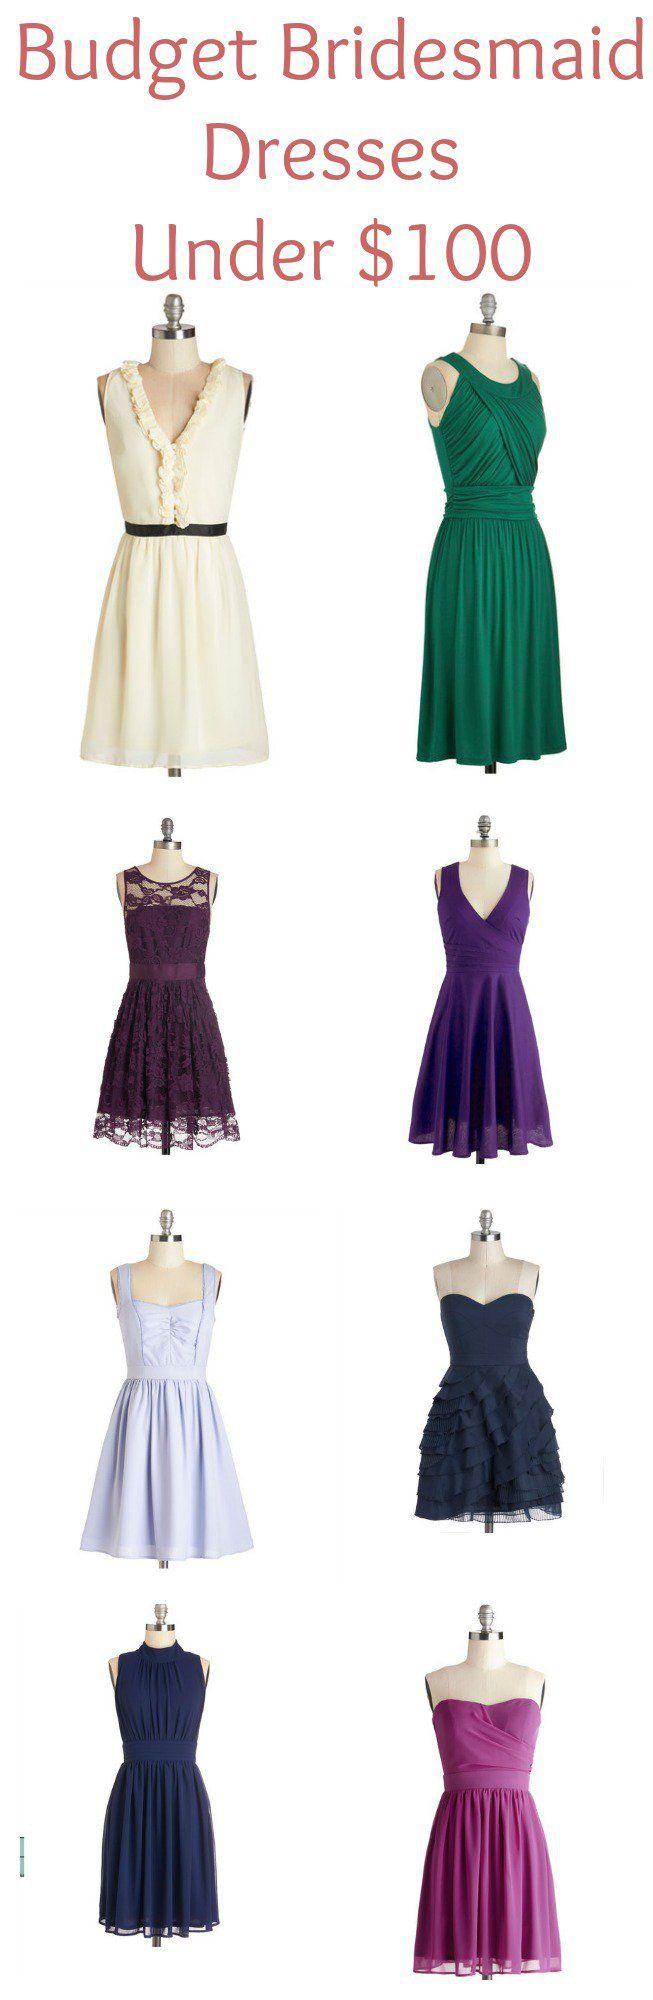 Best 25 bridesmaid dresses under 100 ideas on pinterest wedding bridesmaid dresses under 100 ombrellifo Choice Image